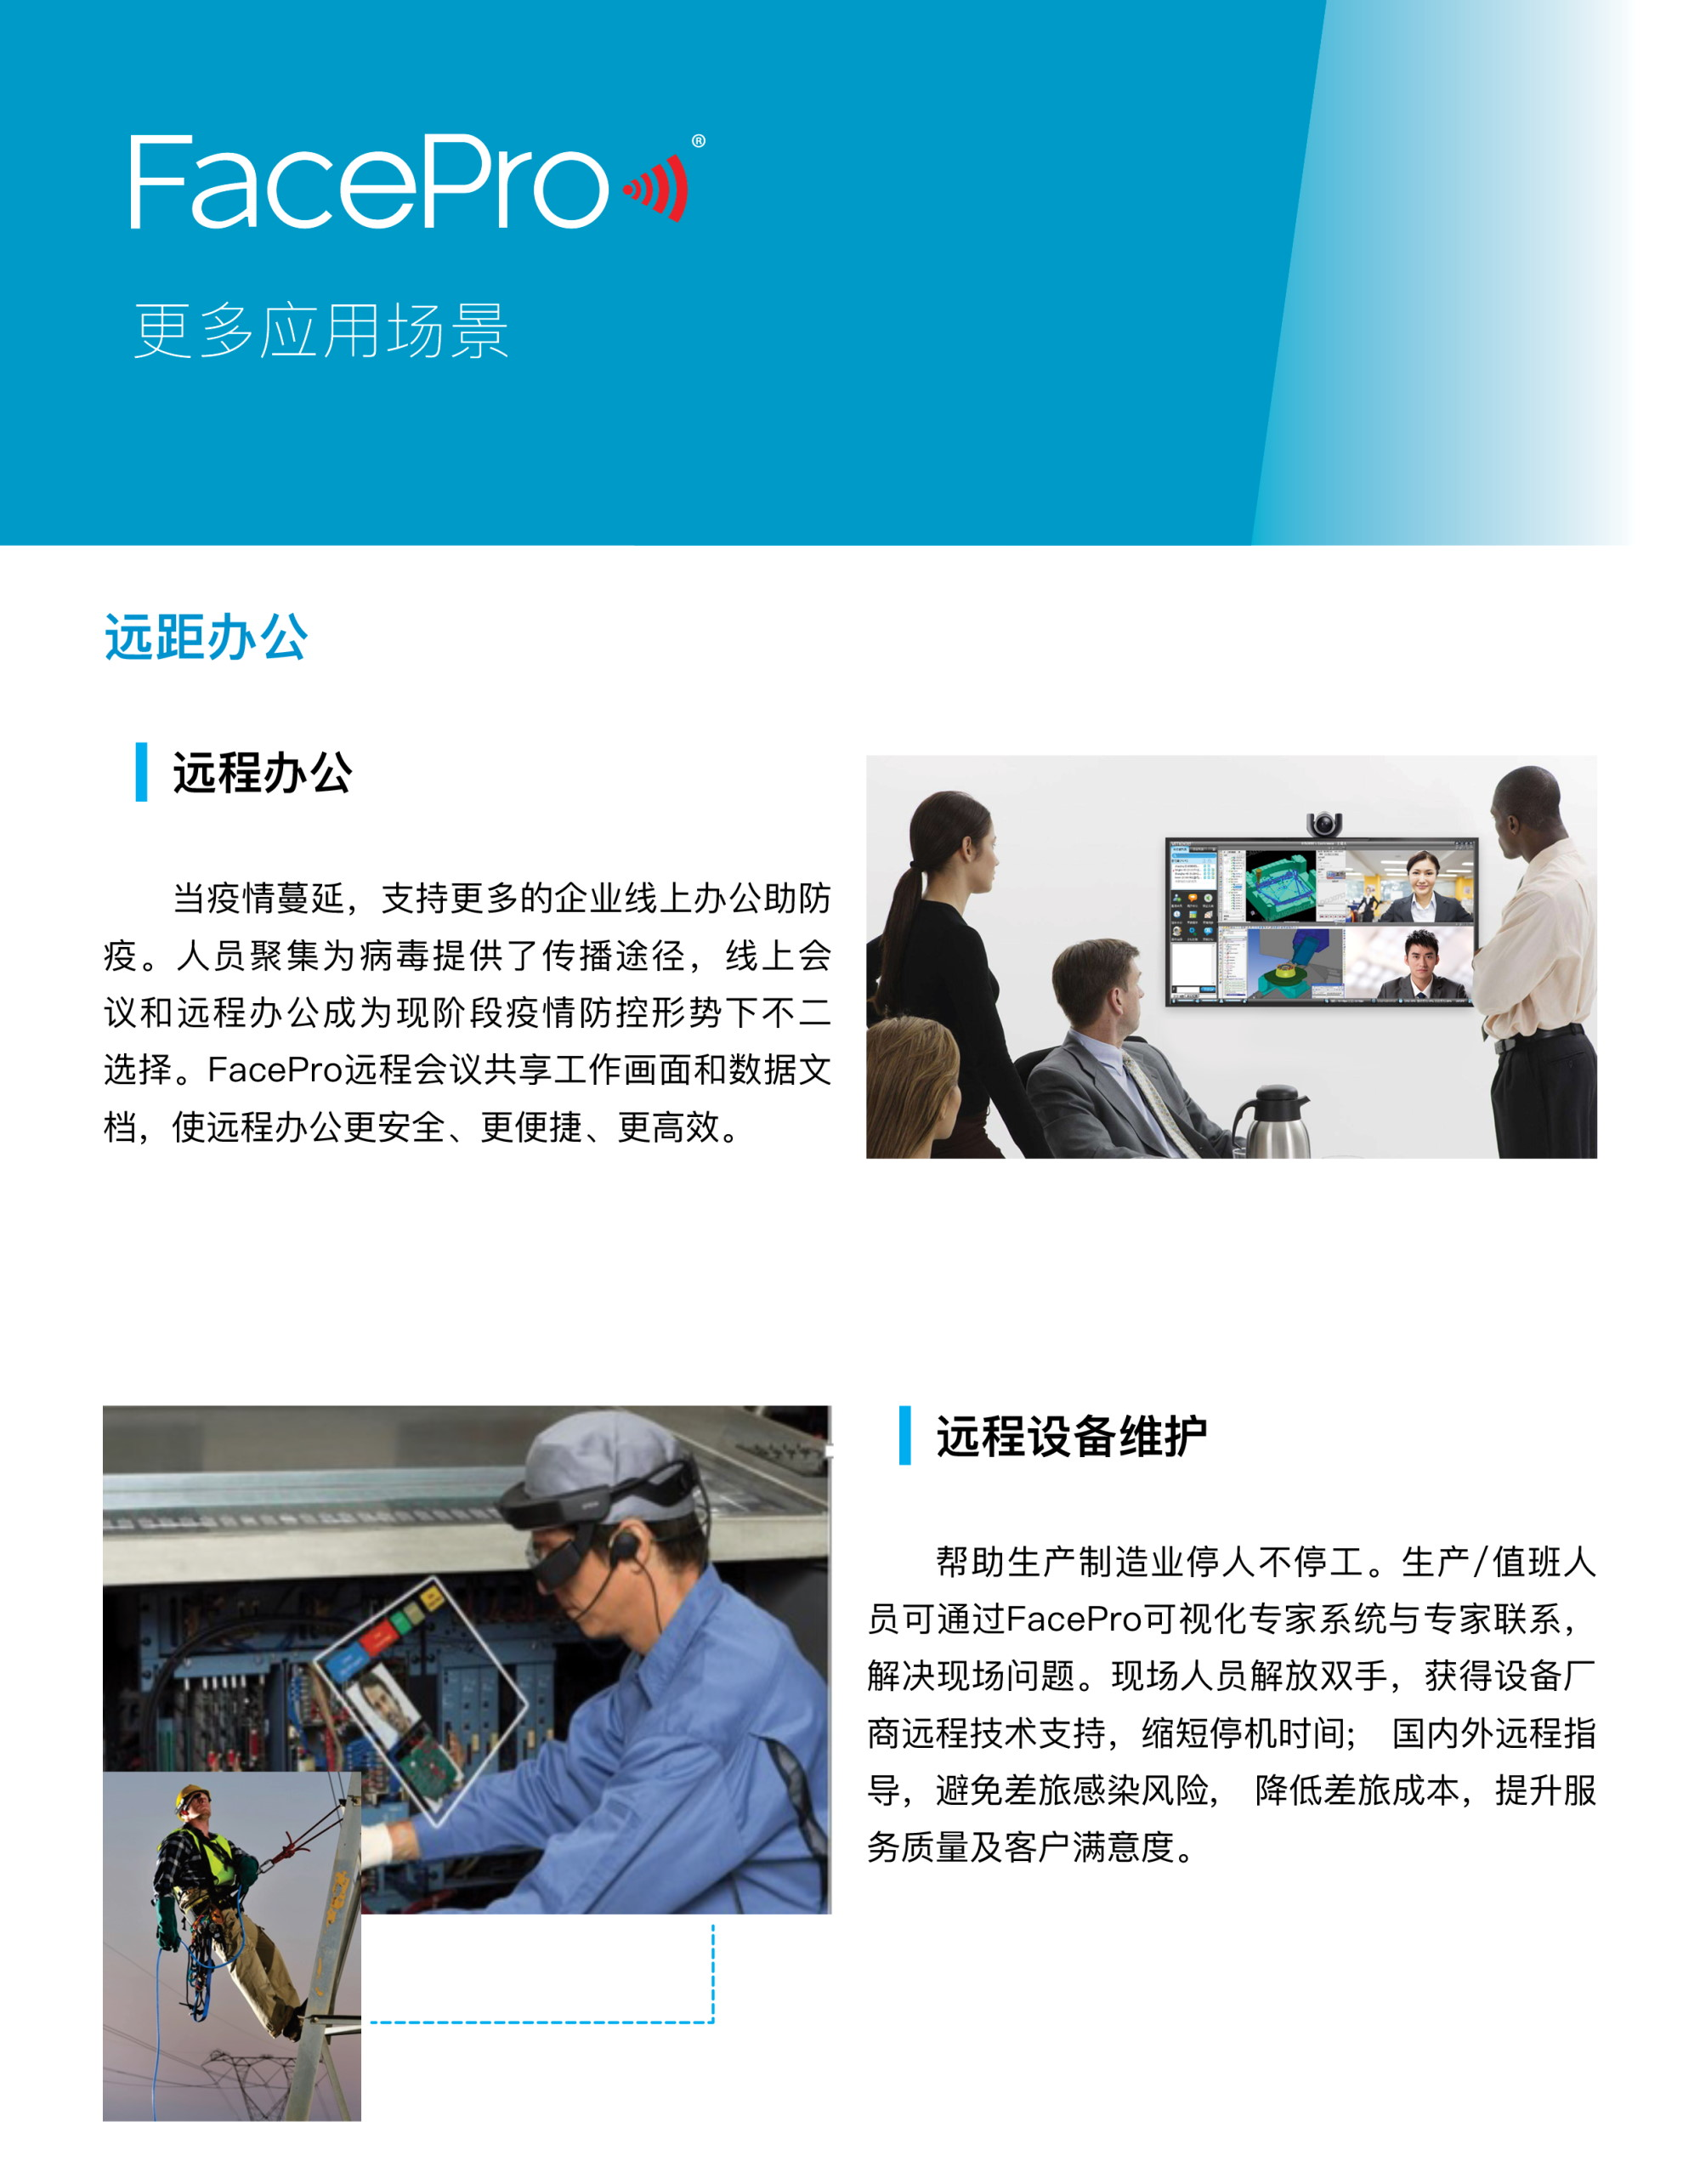 FacePro Xpert 远程医疗系统